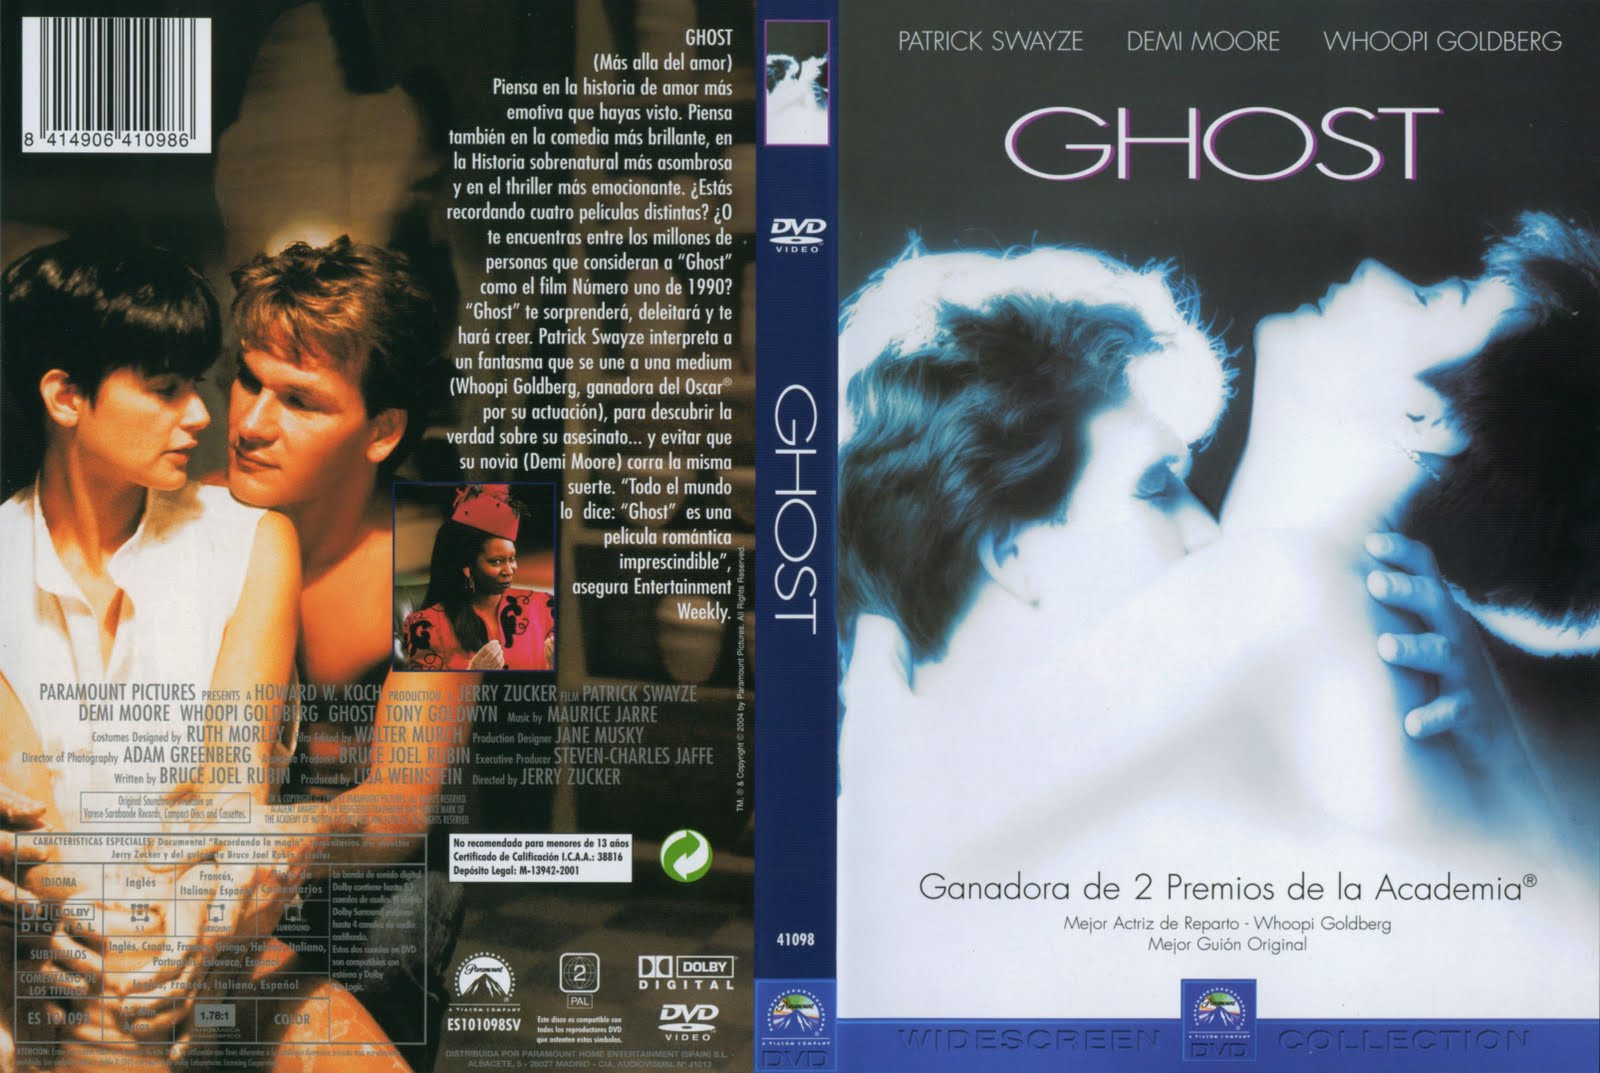 http://2.bp.blogspot.com/-b_iE0xRm050/TrodVBNM2gI/AAAAAAAAABU/l2allVzDOVE/s1600/Ghost.jpg